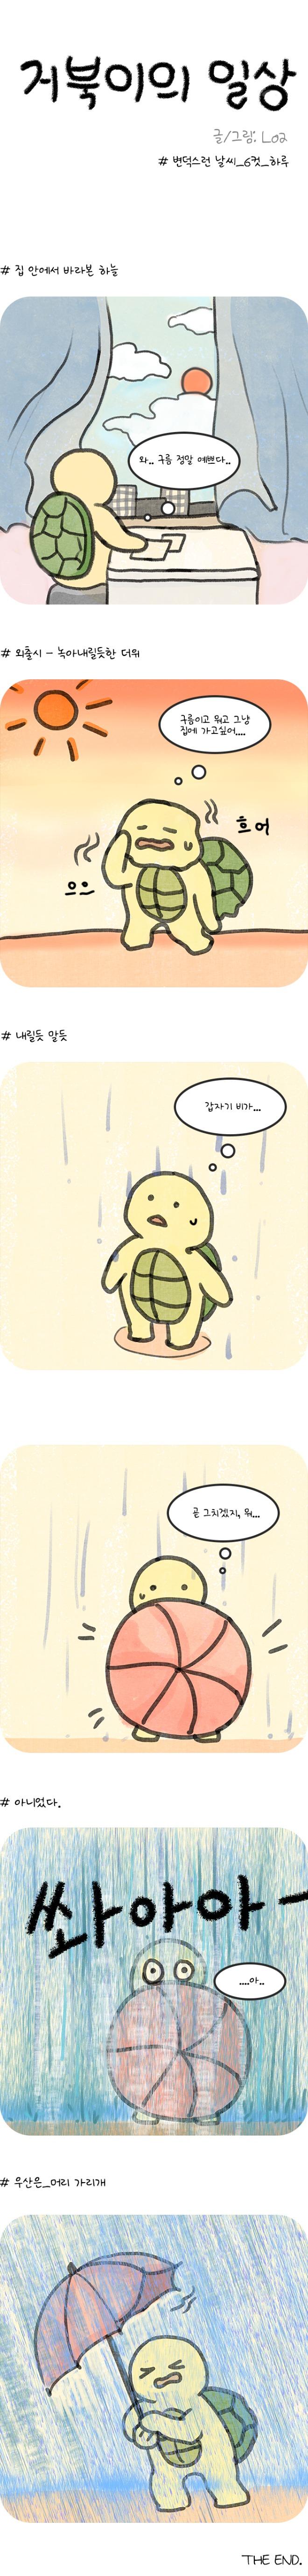 변덕스런 날씨.jpg